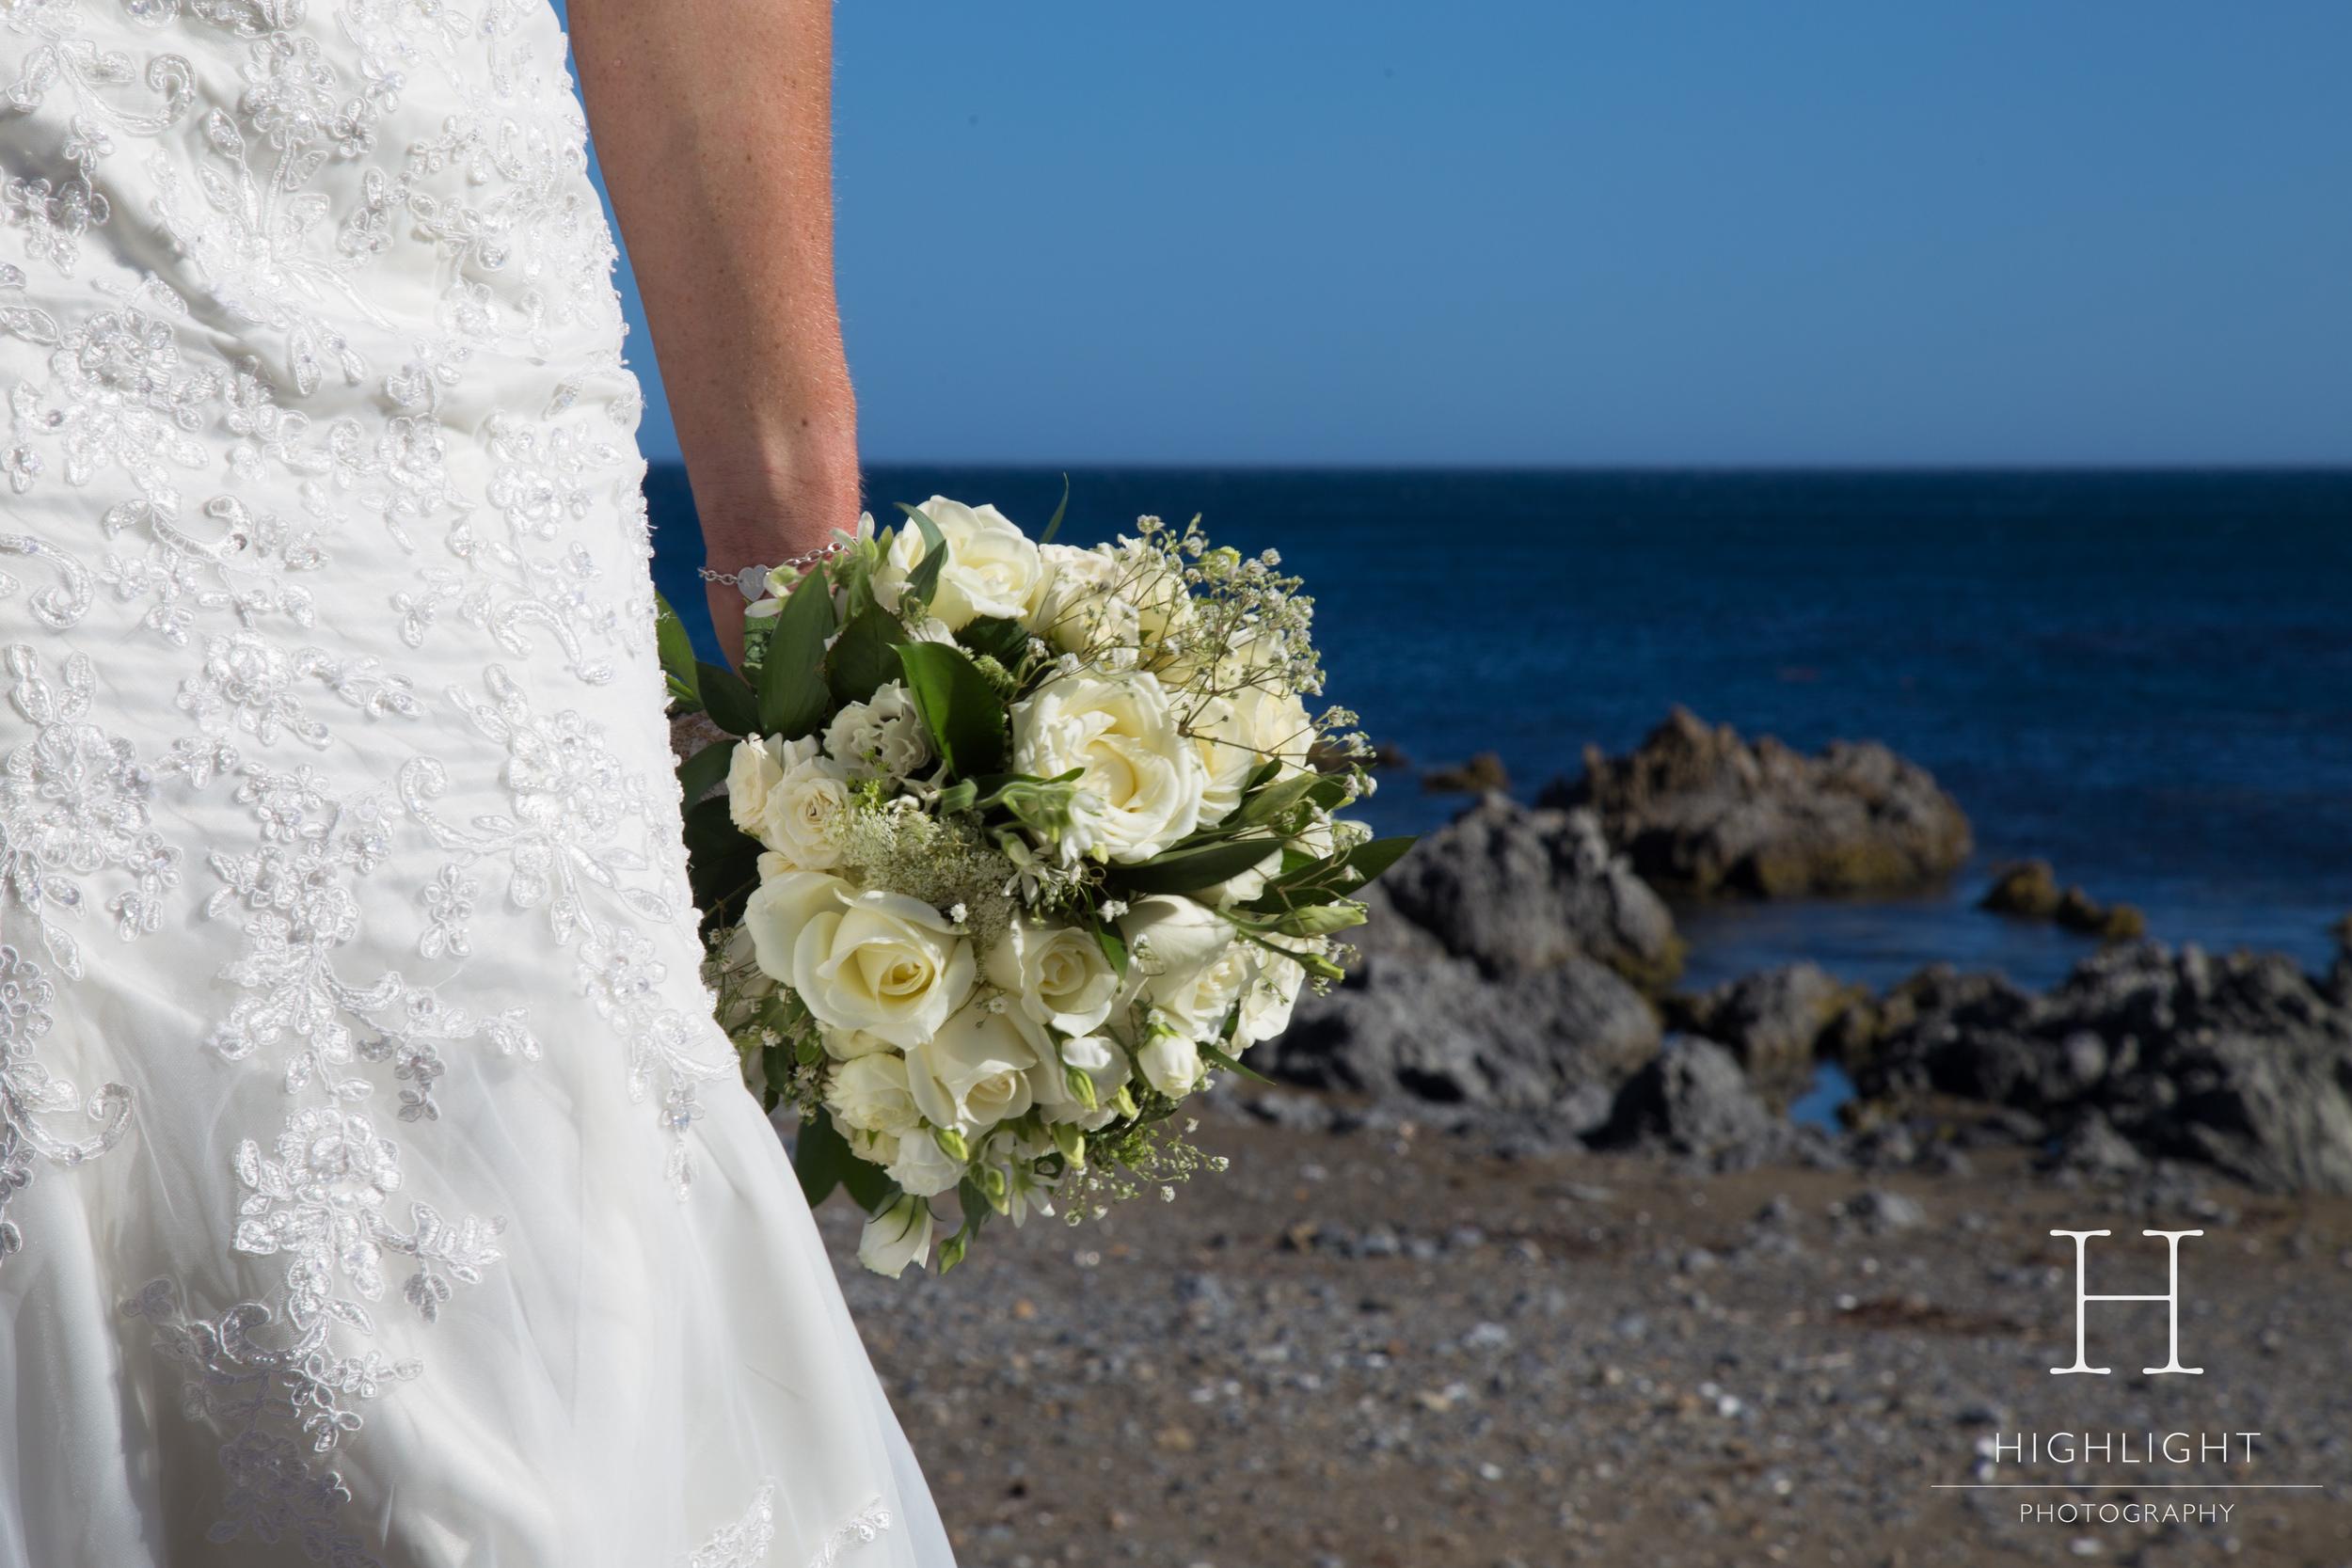 highlight_kc_flowers_beach_wedding.jpg